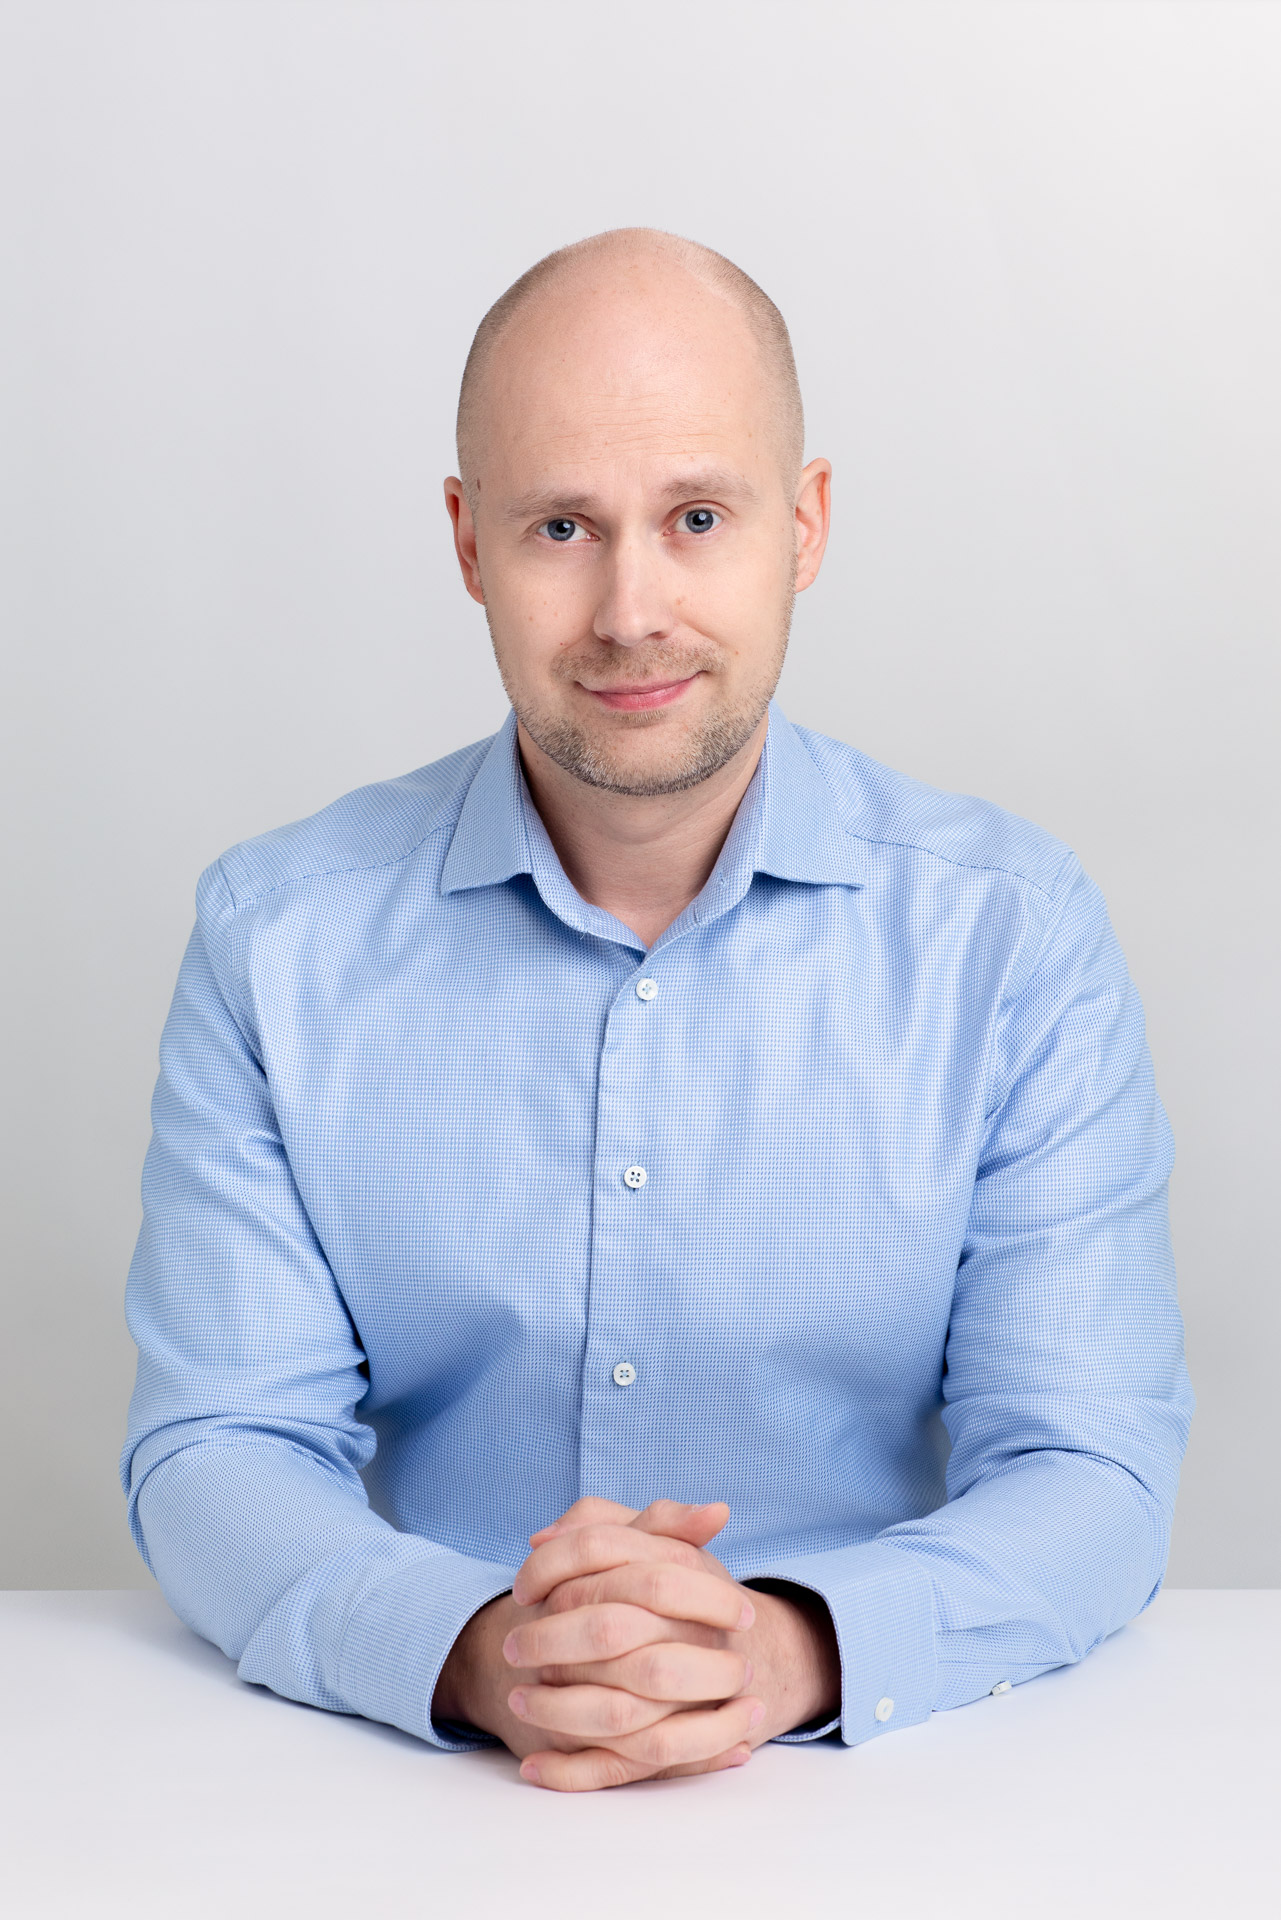 Jani Nuutinen